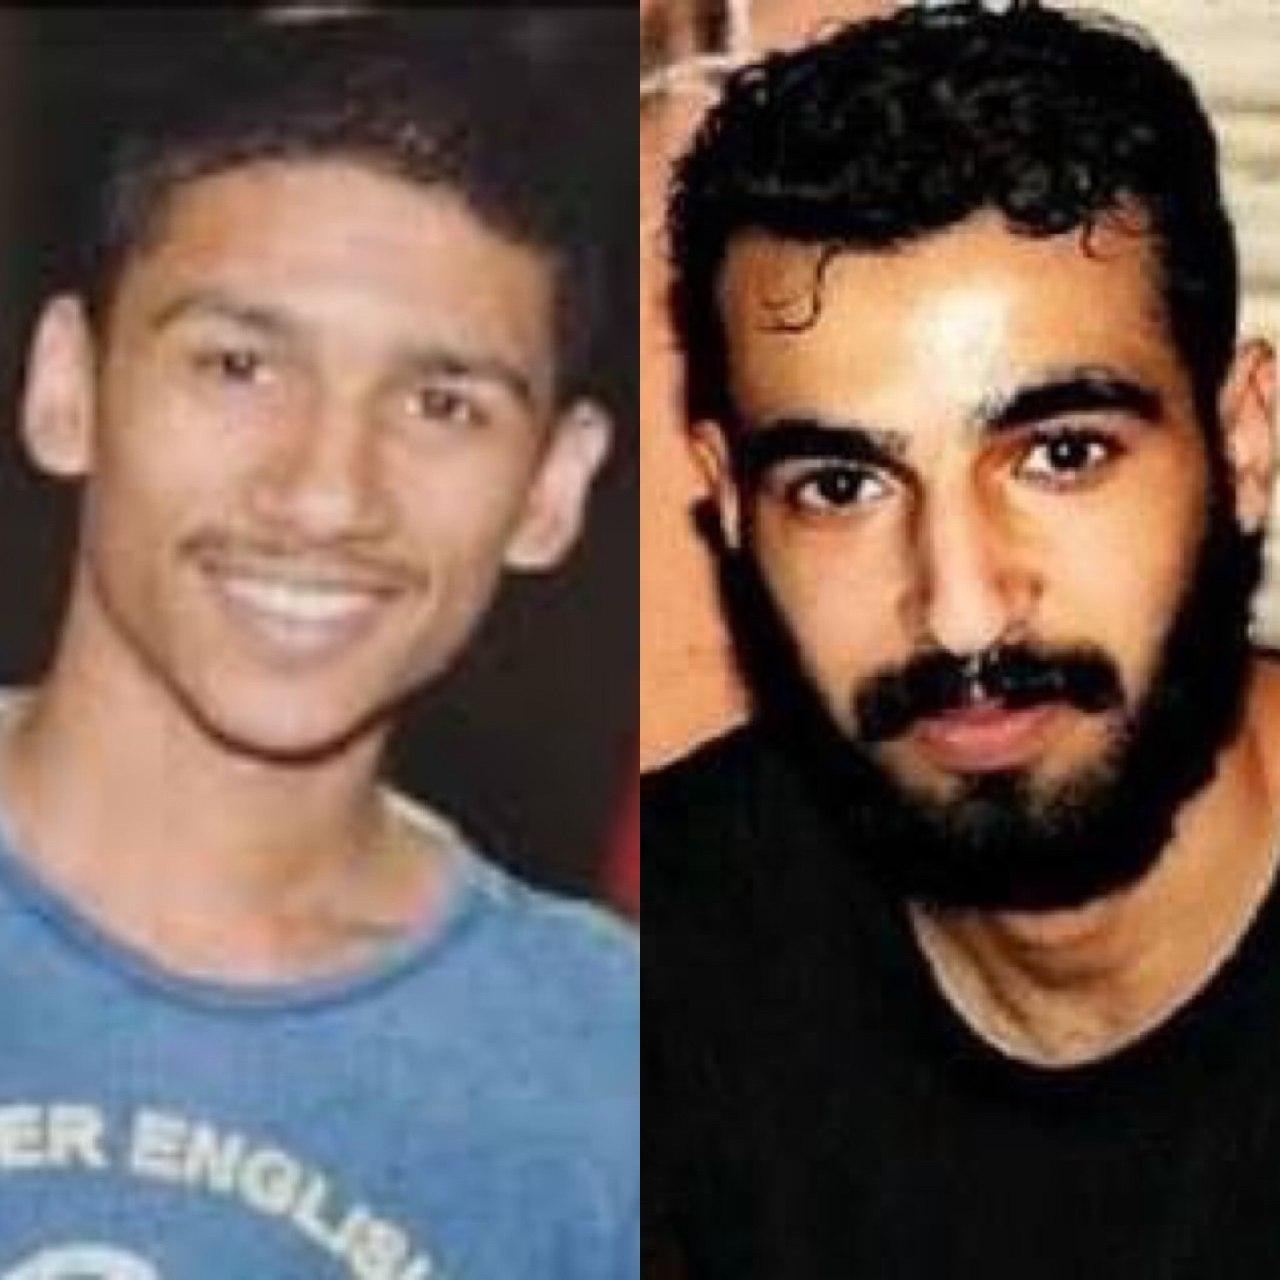 الكيان الخليفيّ يرفض طعن المحكوم عليهما بالإعدام «العرب والملالي» ويؤيّد الحكم